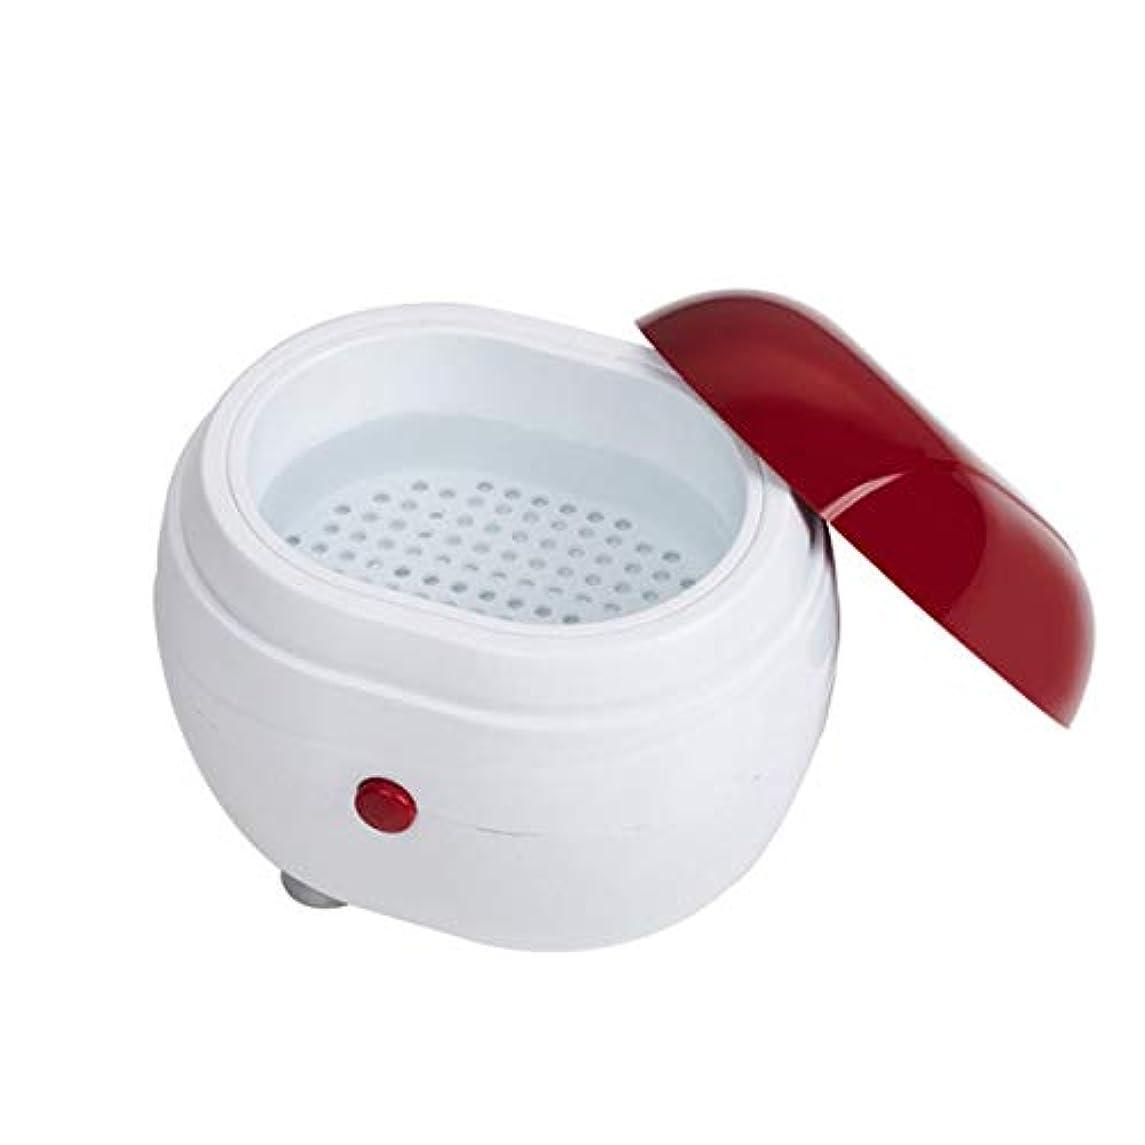 祭司衣装糸Kongqiabonaポータブルミニ超音波洗濯機ジュエリーレンズ義歯クリーナーボックス